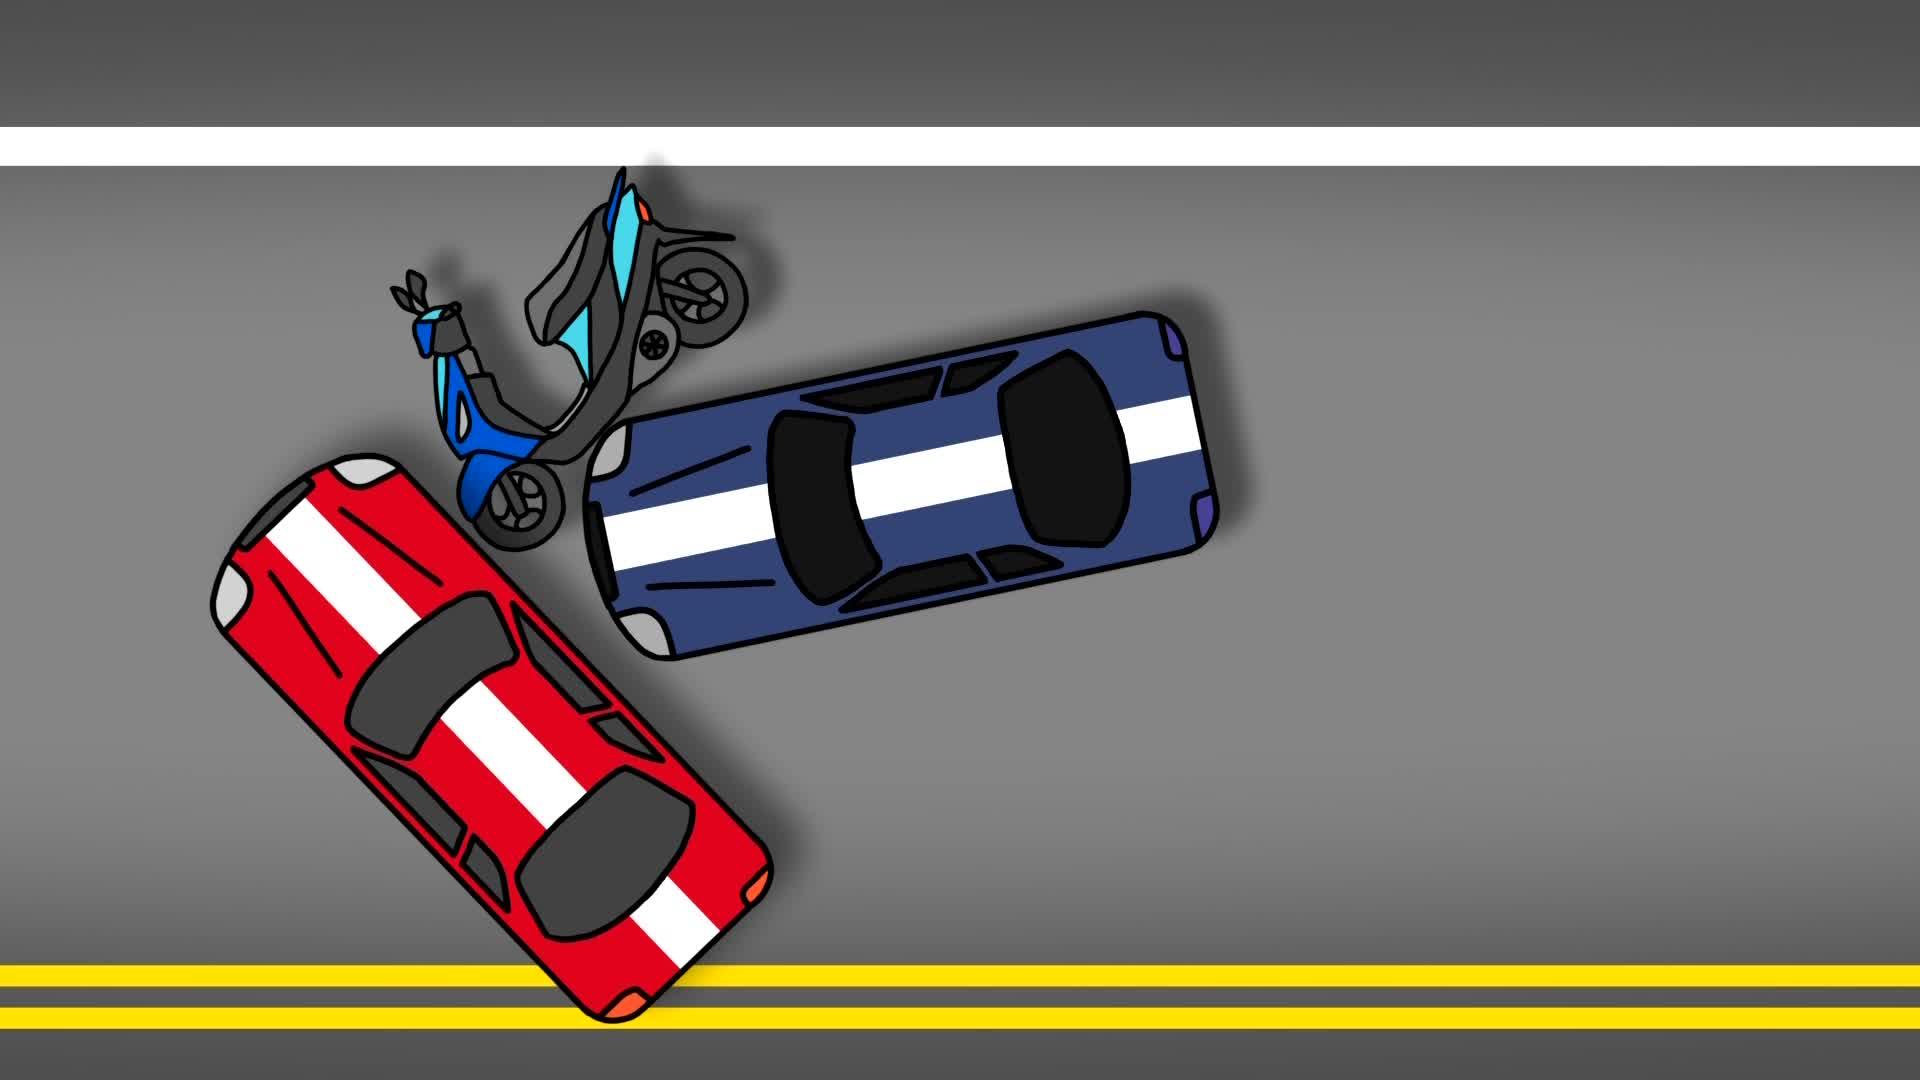 2.預防二次交通事故